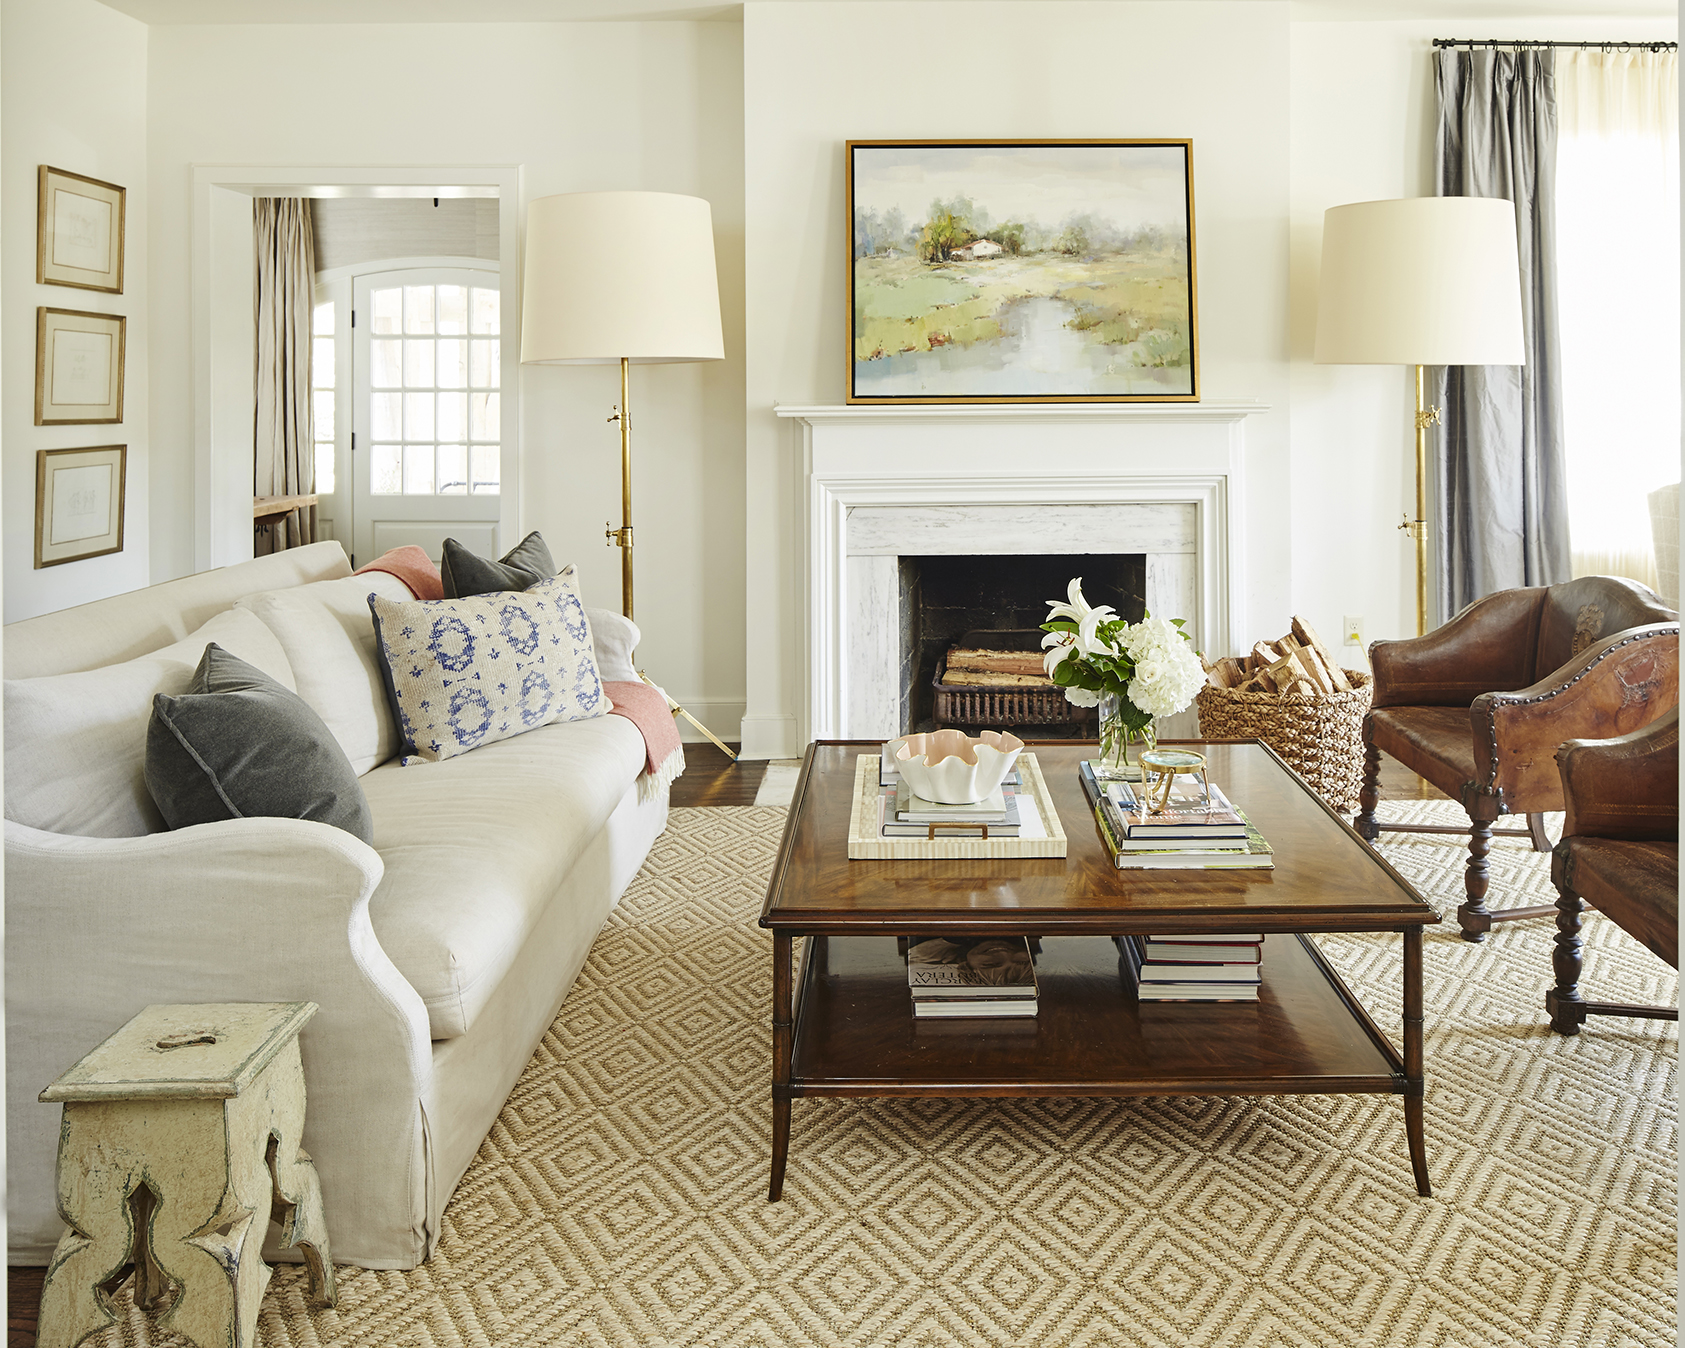 100 residential interior designer the ashleys for Ashley room planner